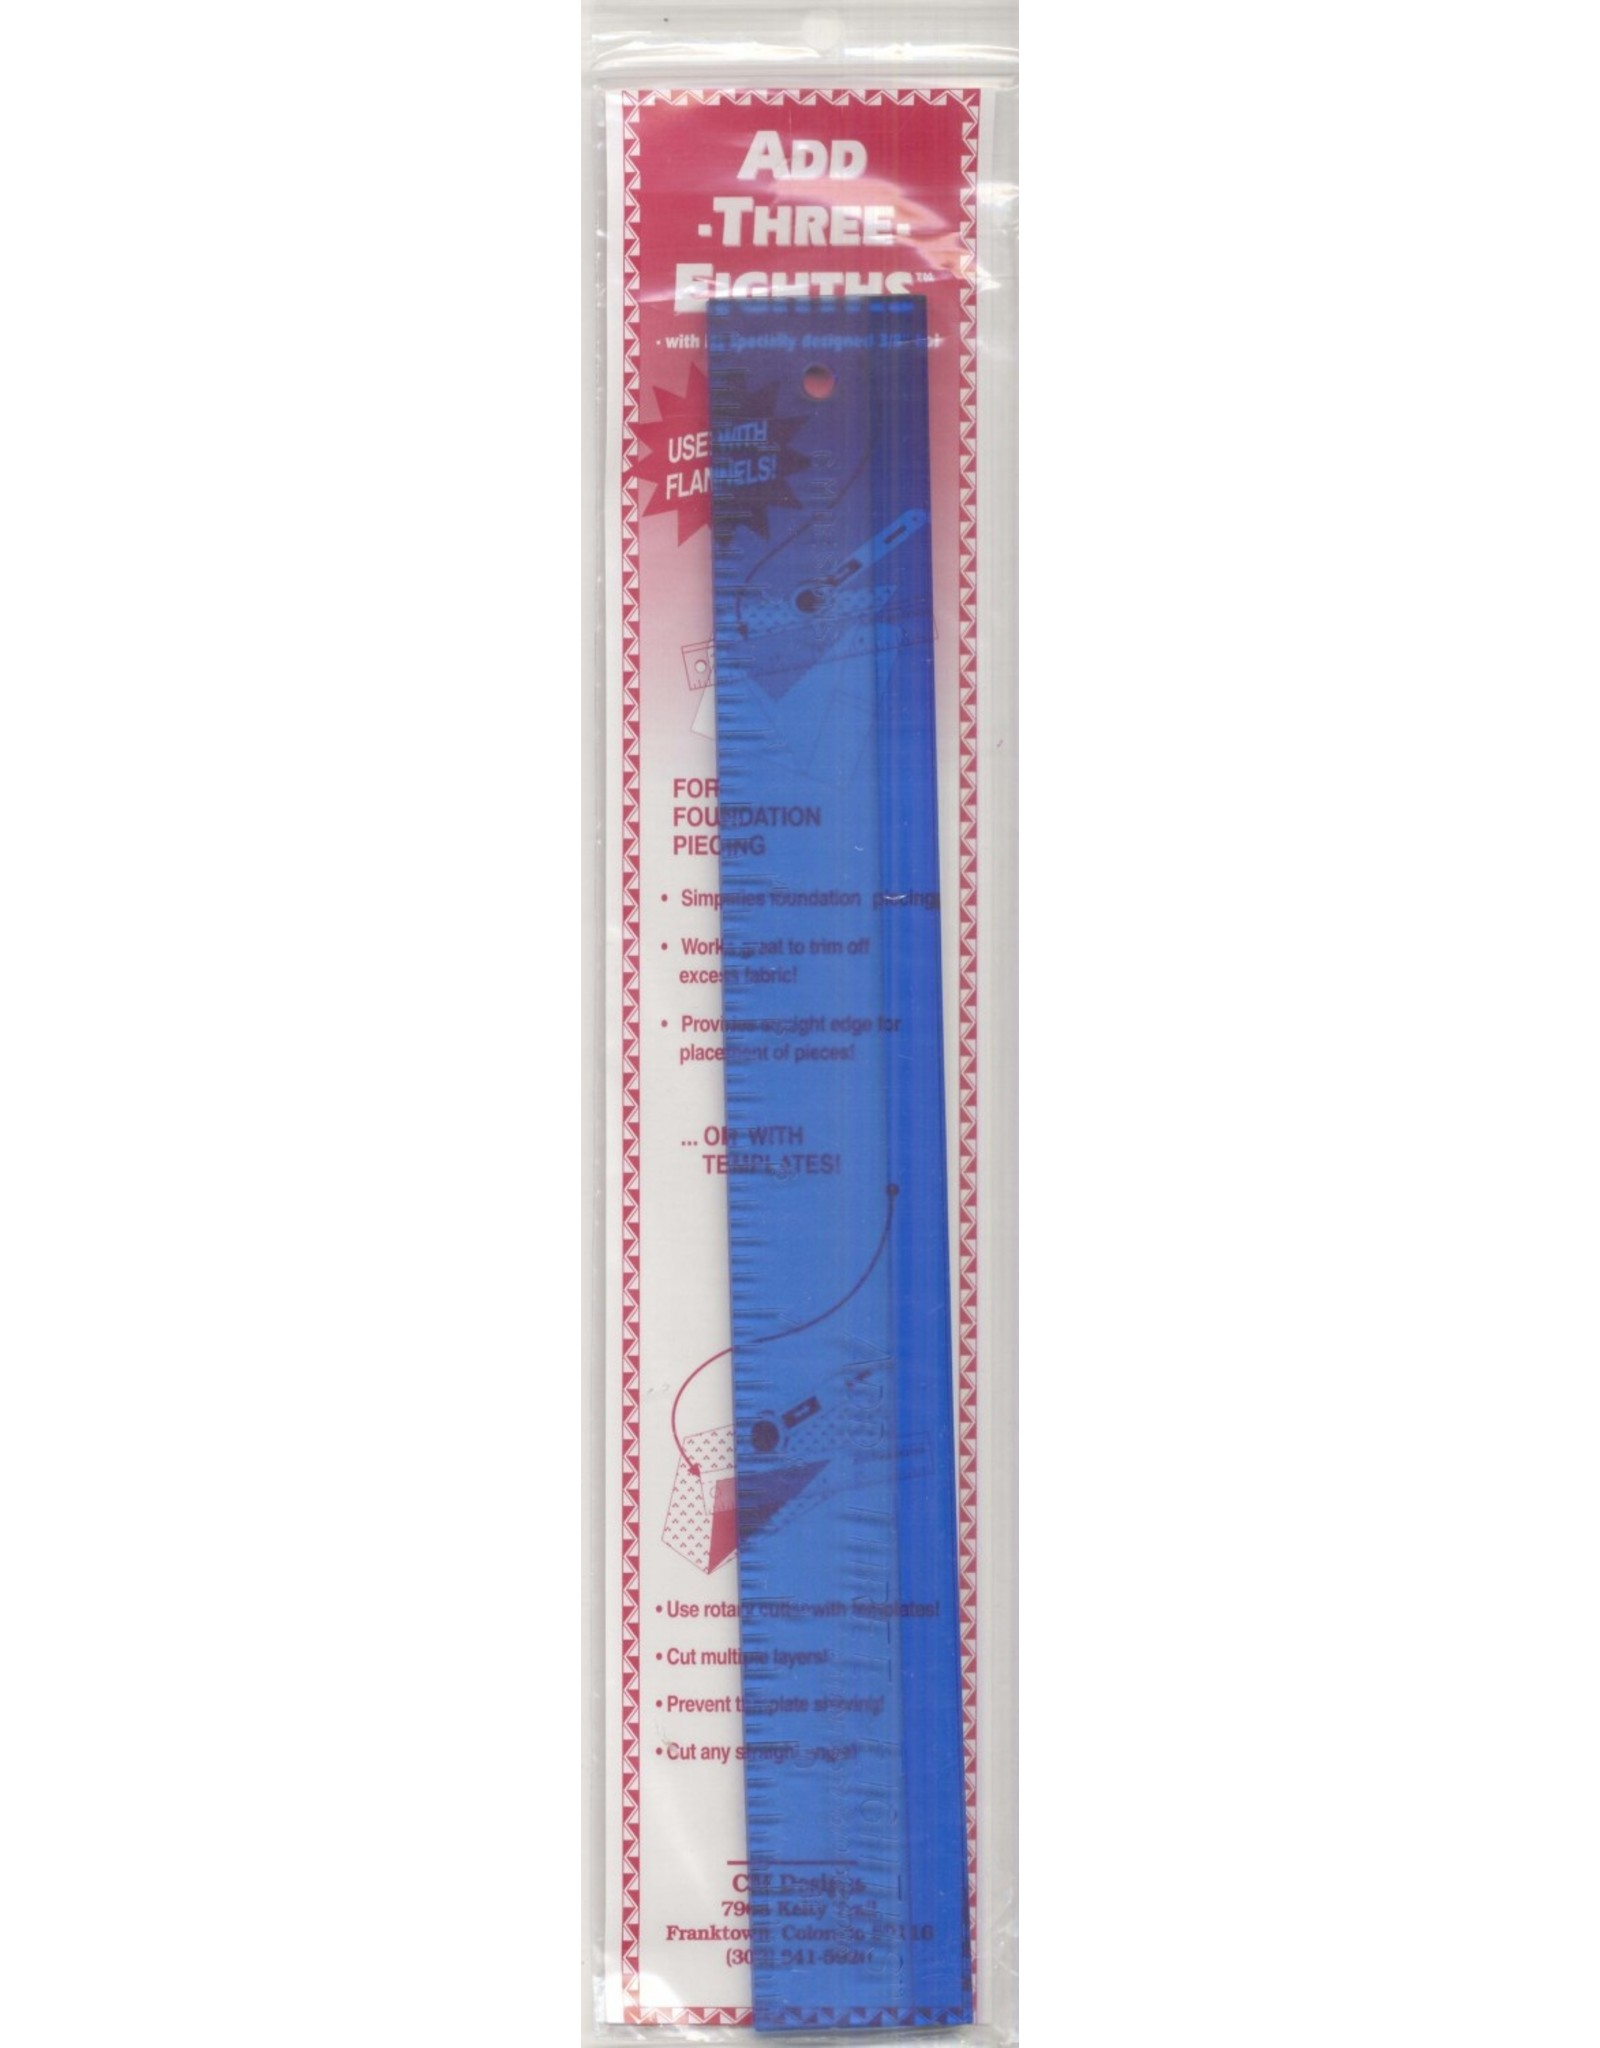 CM Designs Add Three Eight Ruler - 12 inch